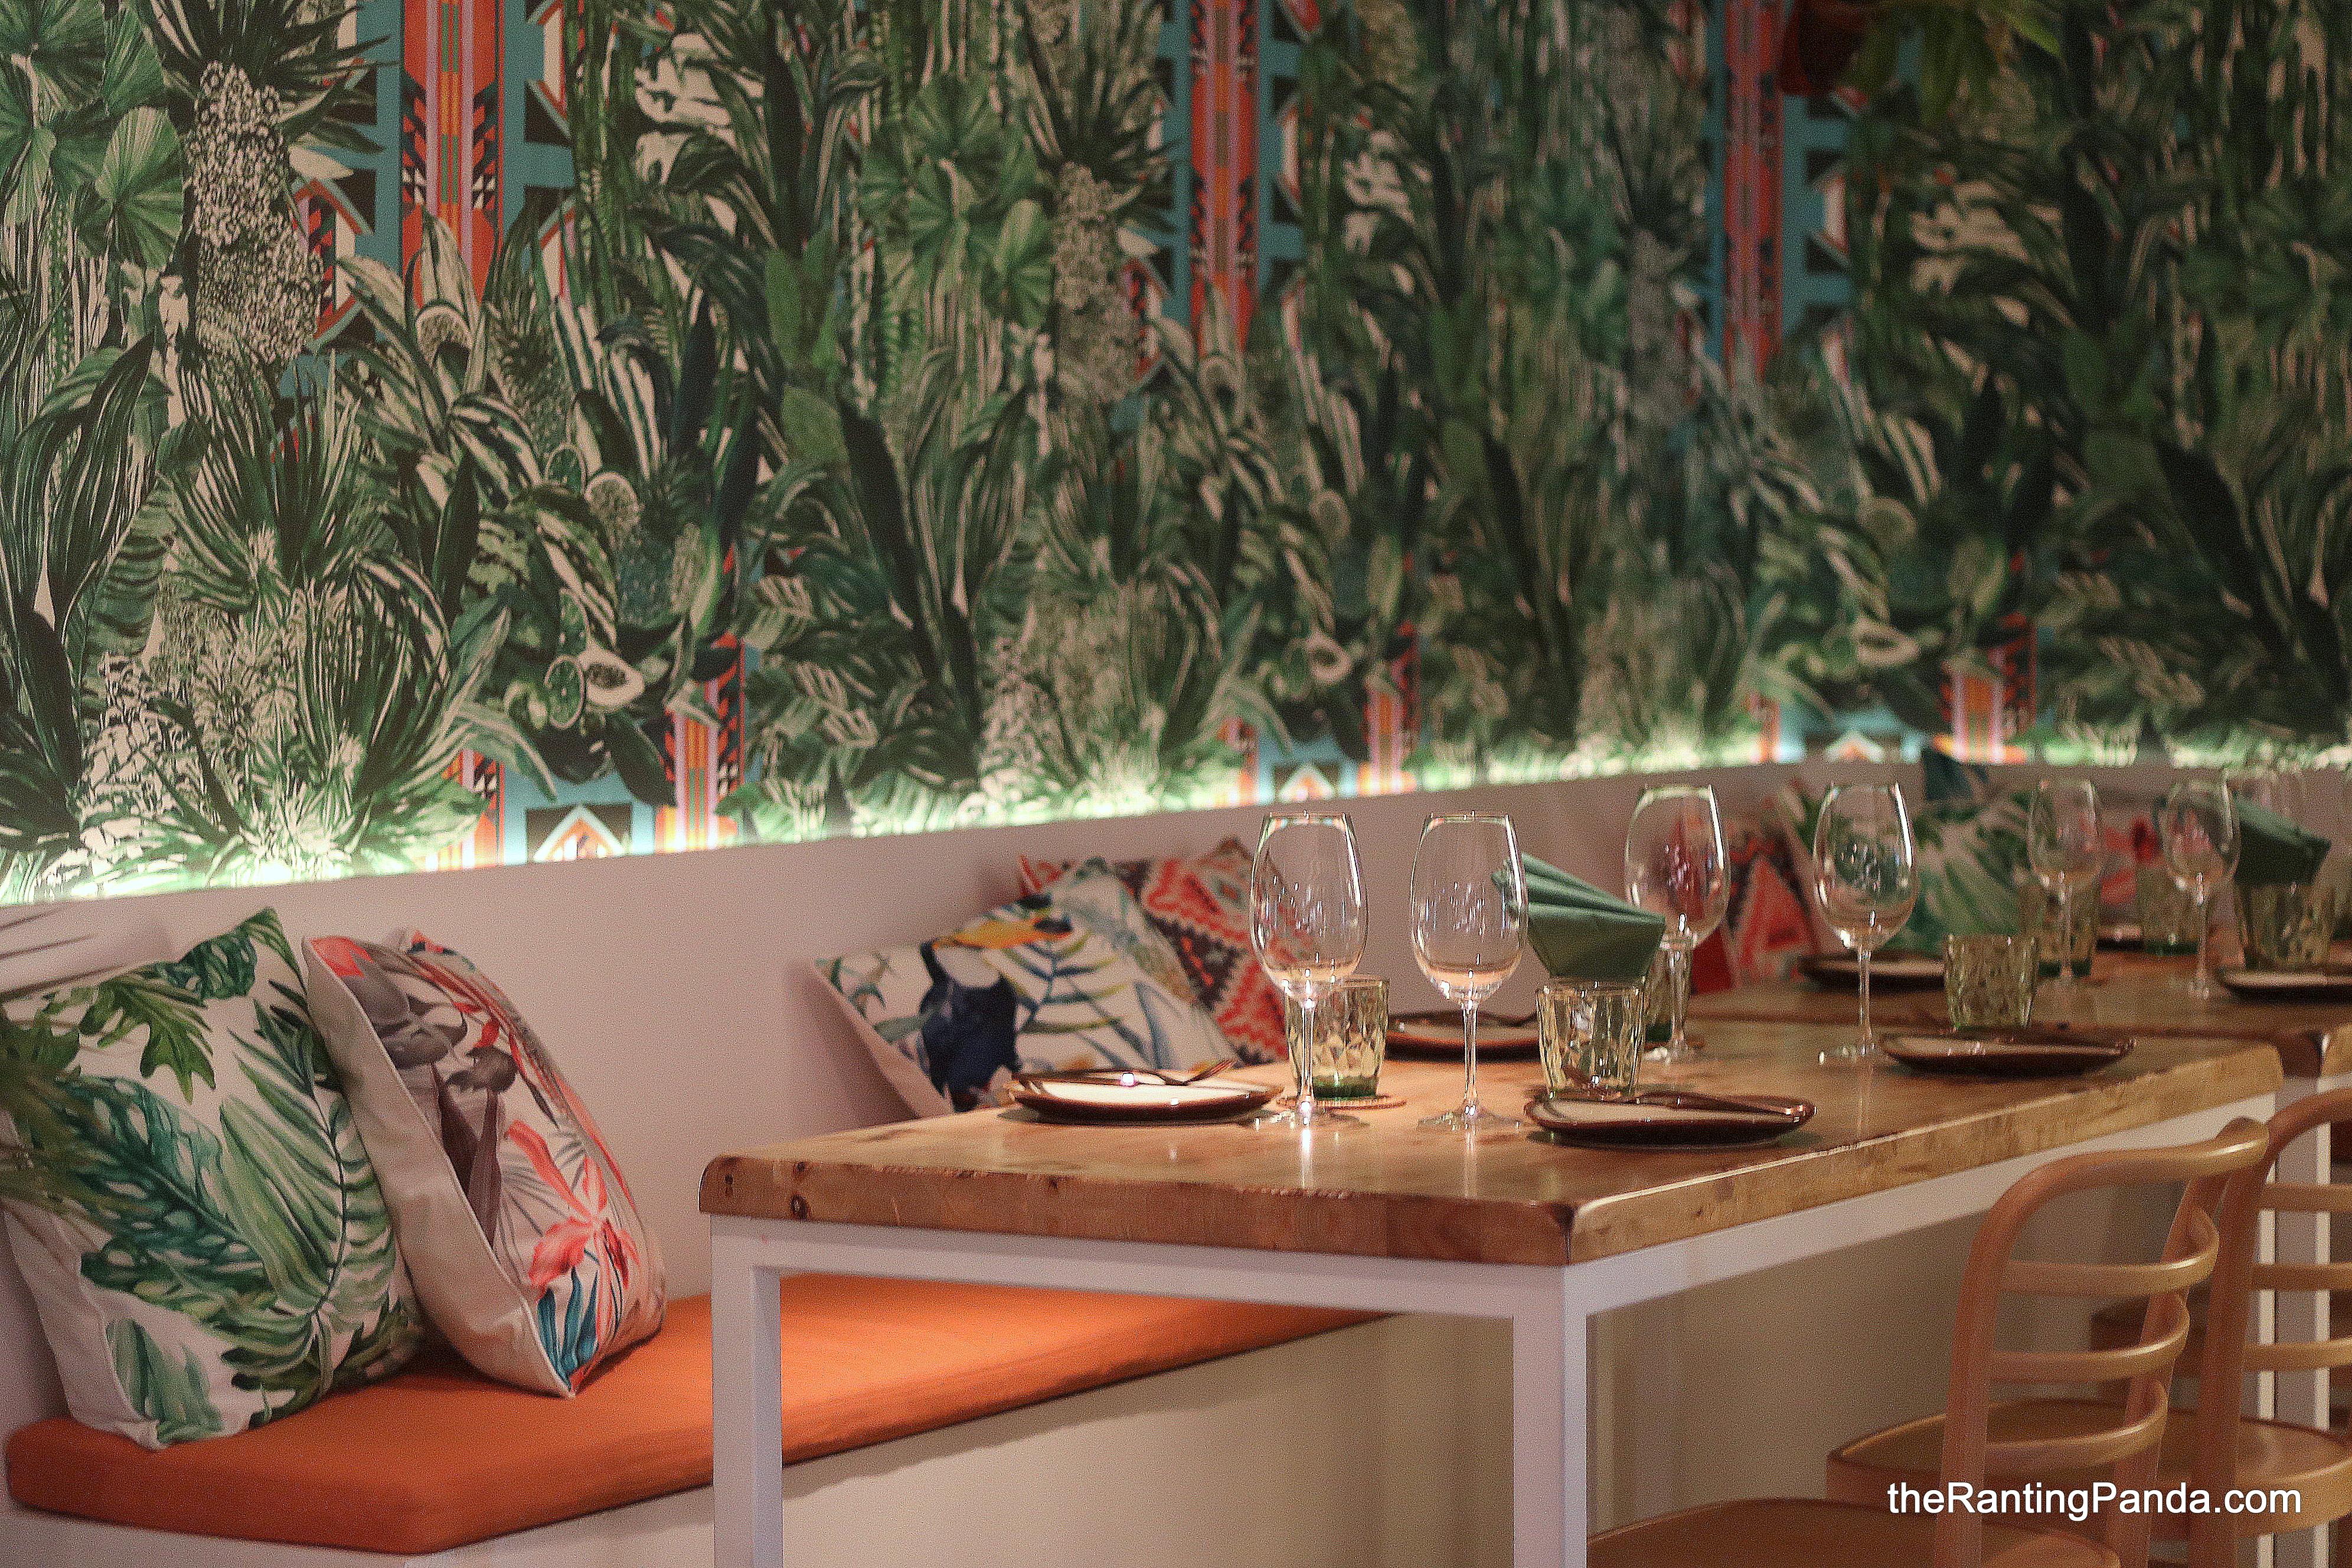 Food Review Don Ho Social Kitchen Bar At Keong Saik